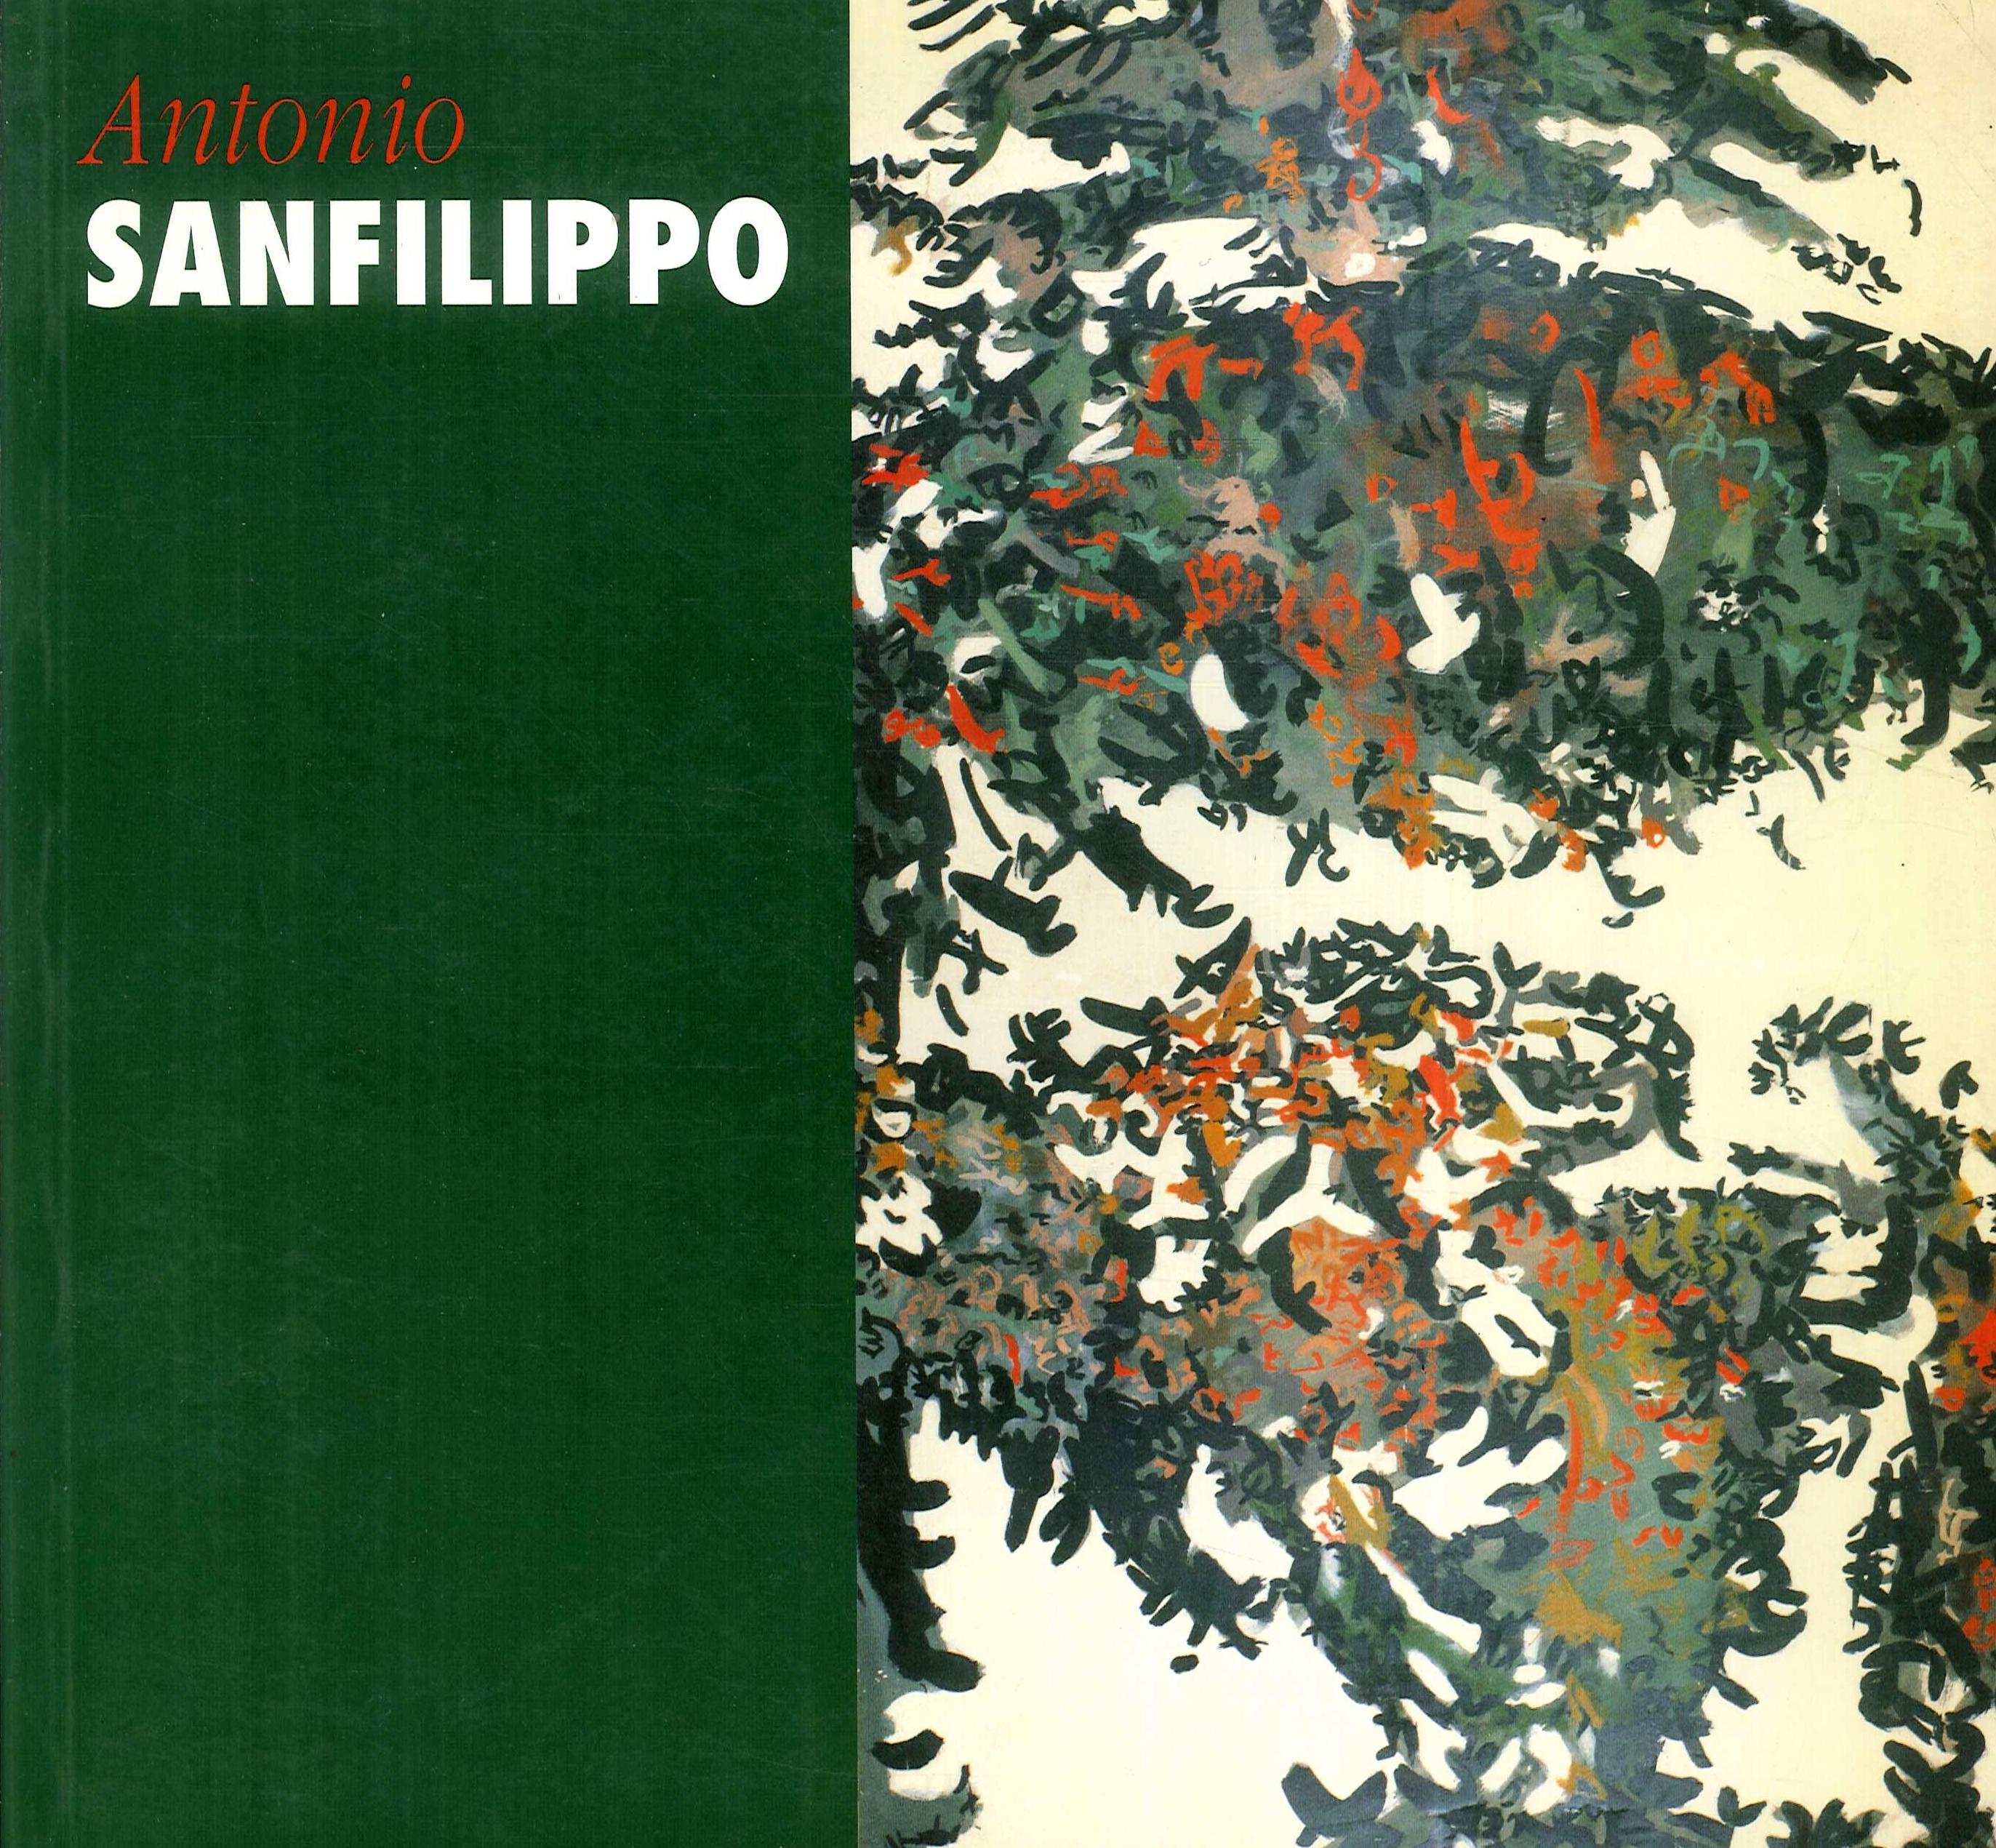 Antonio Sanfilippo